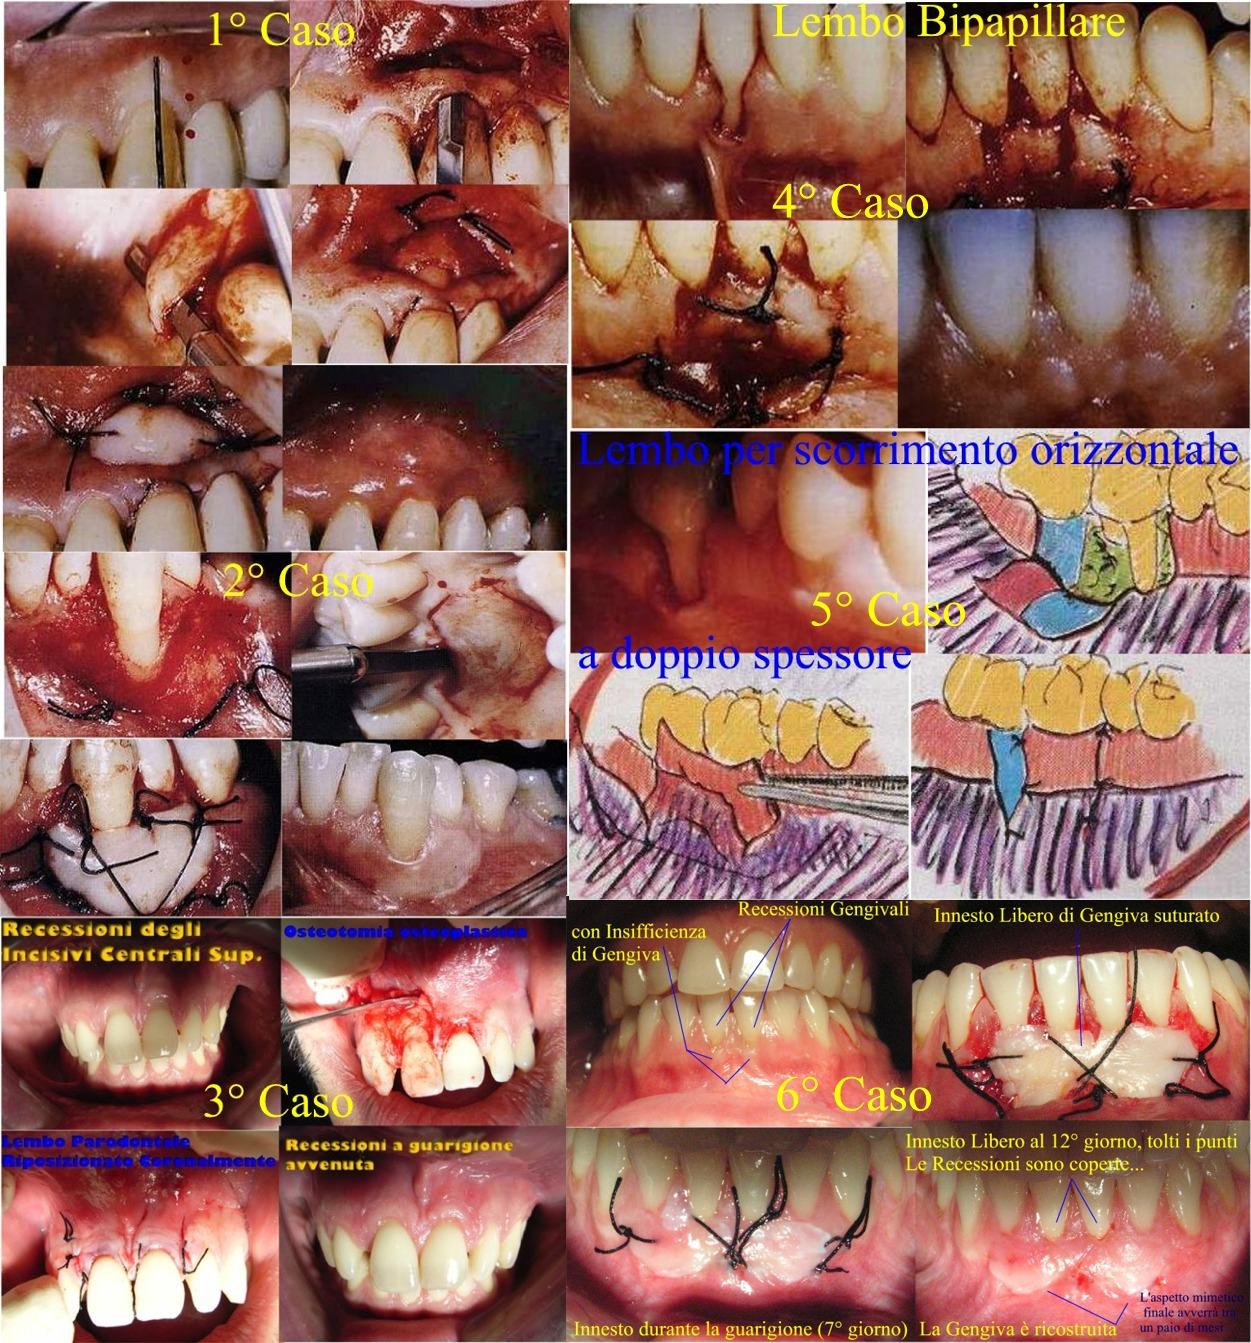 Recessioni Gengivali e loro vari tipi di Terapie Chirurgiche Parodontali. Da Dr. Gustavo Petti Parodontologo di Cagliari